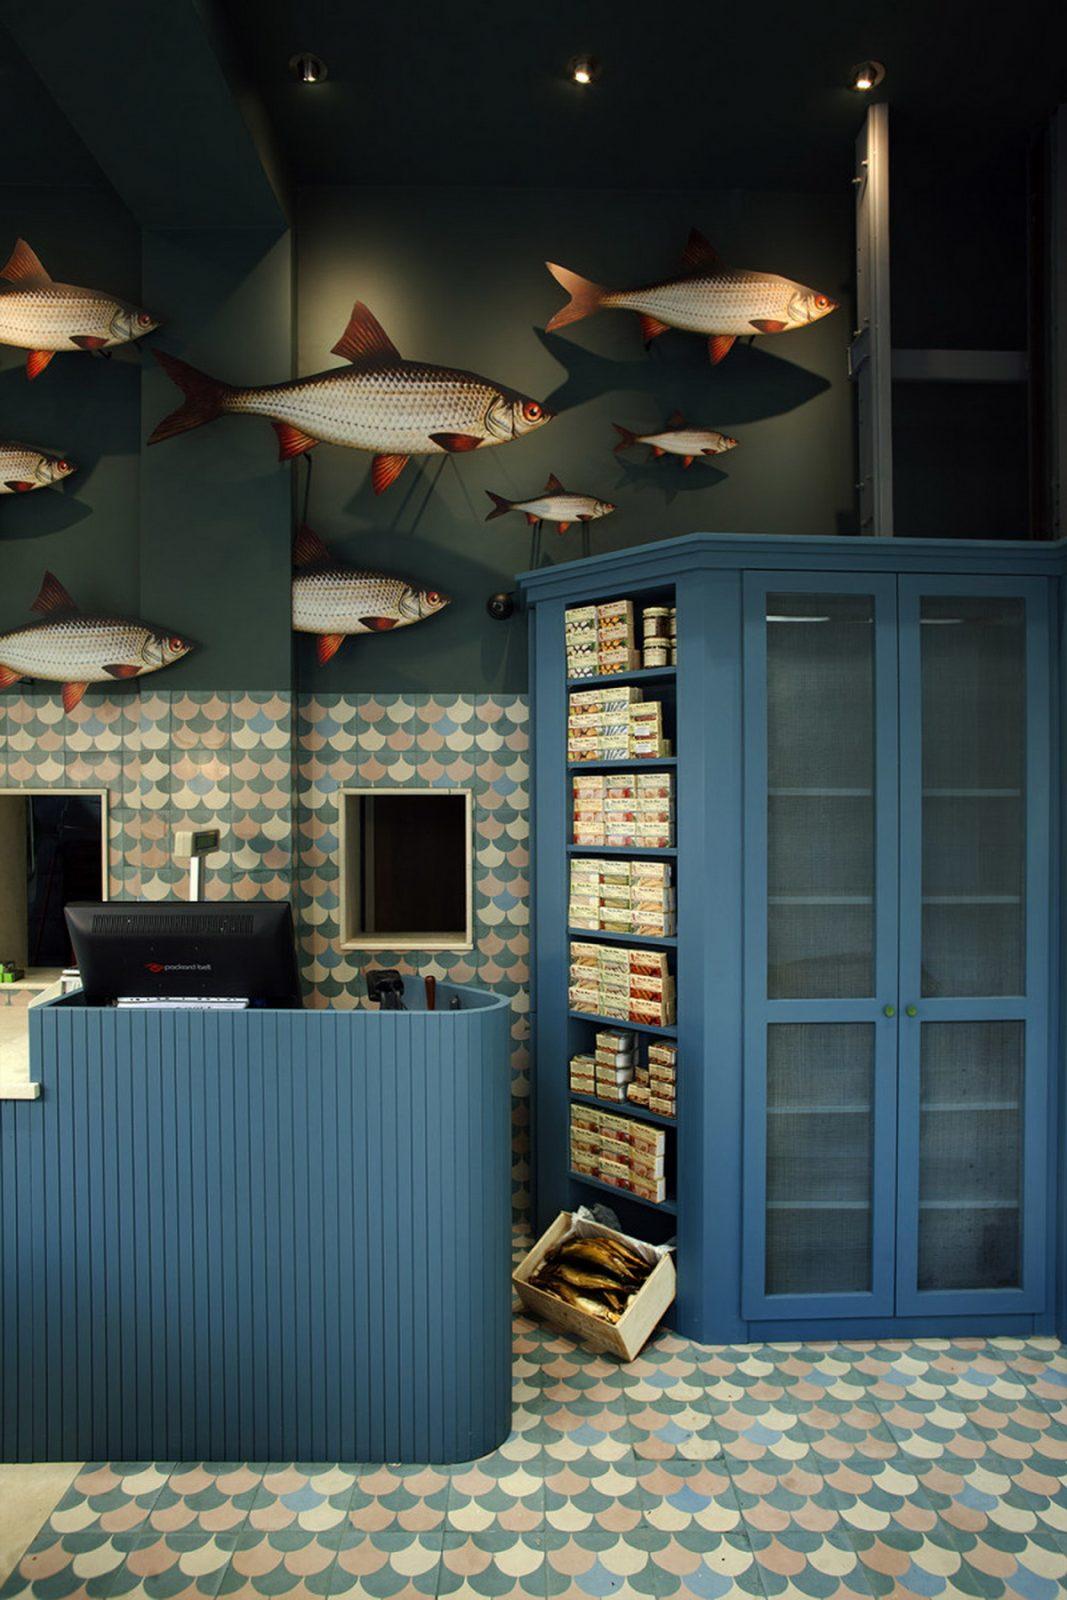 DECORATIVE MURAL IN A FISH SHOP